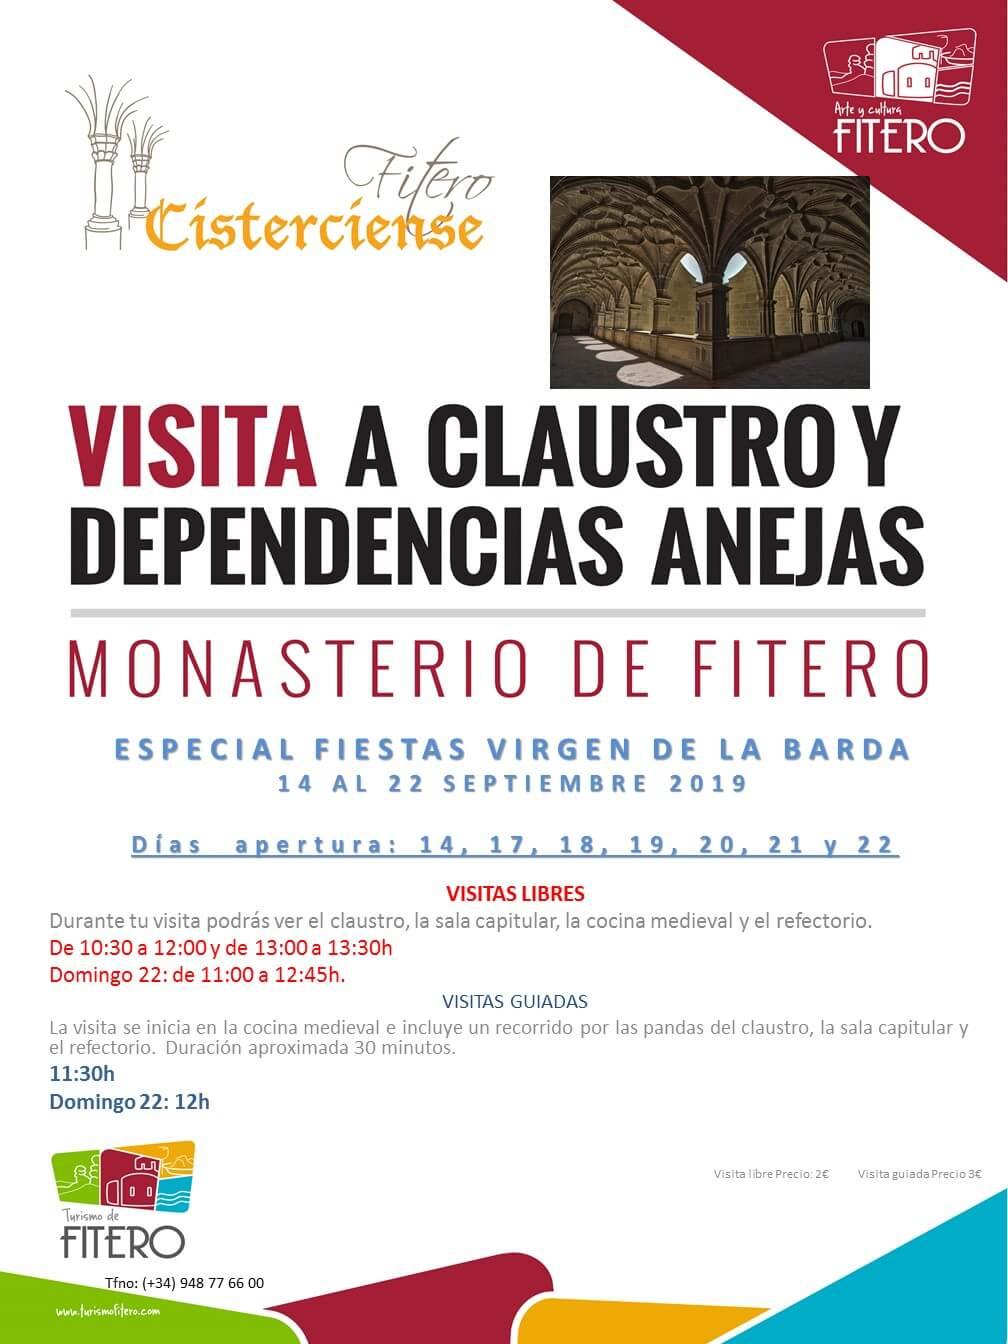 Horarios de visita al Claustro y Sala Capitular del Monasterio de Fitero durante las fiestas patronales (14 al 22 septiembre)